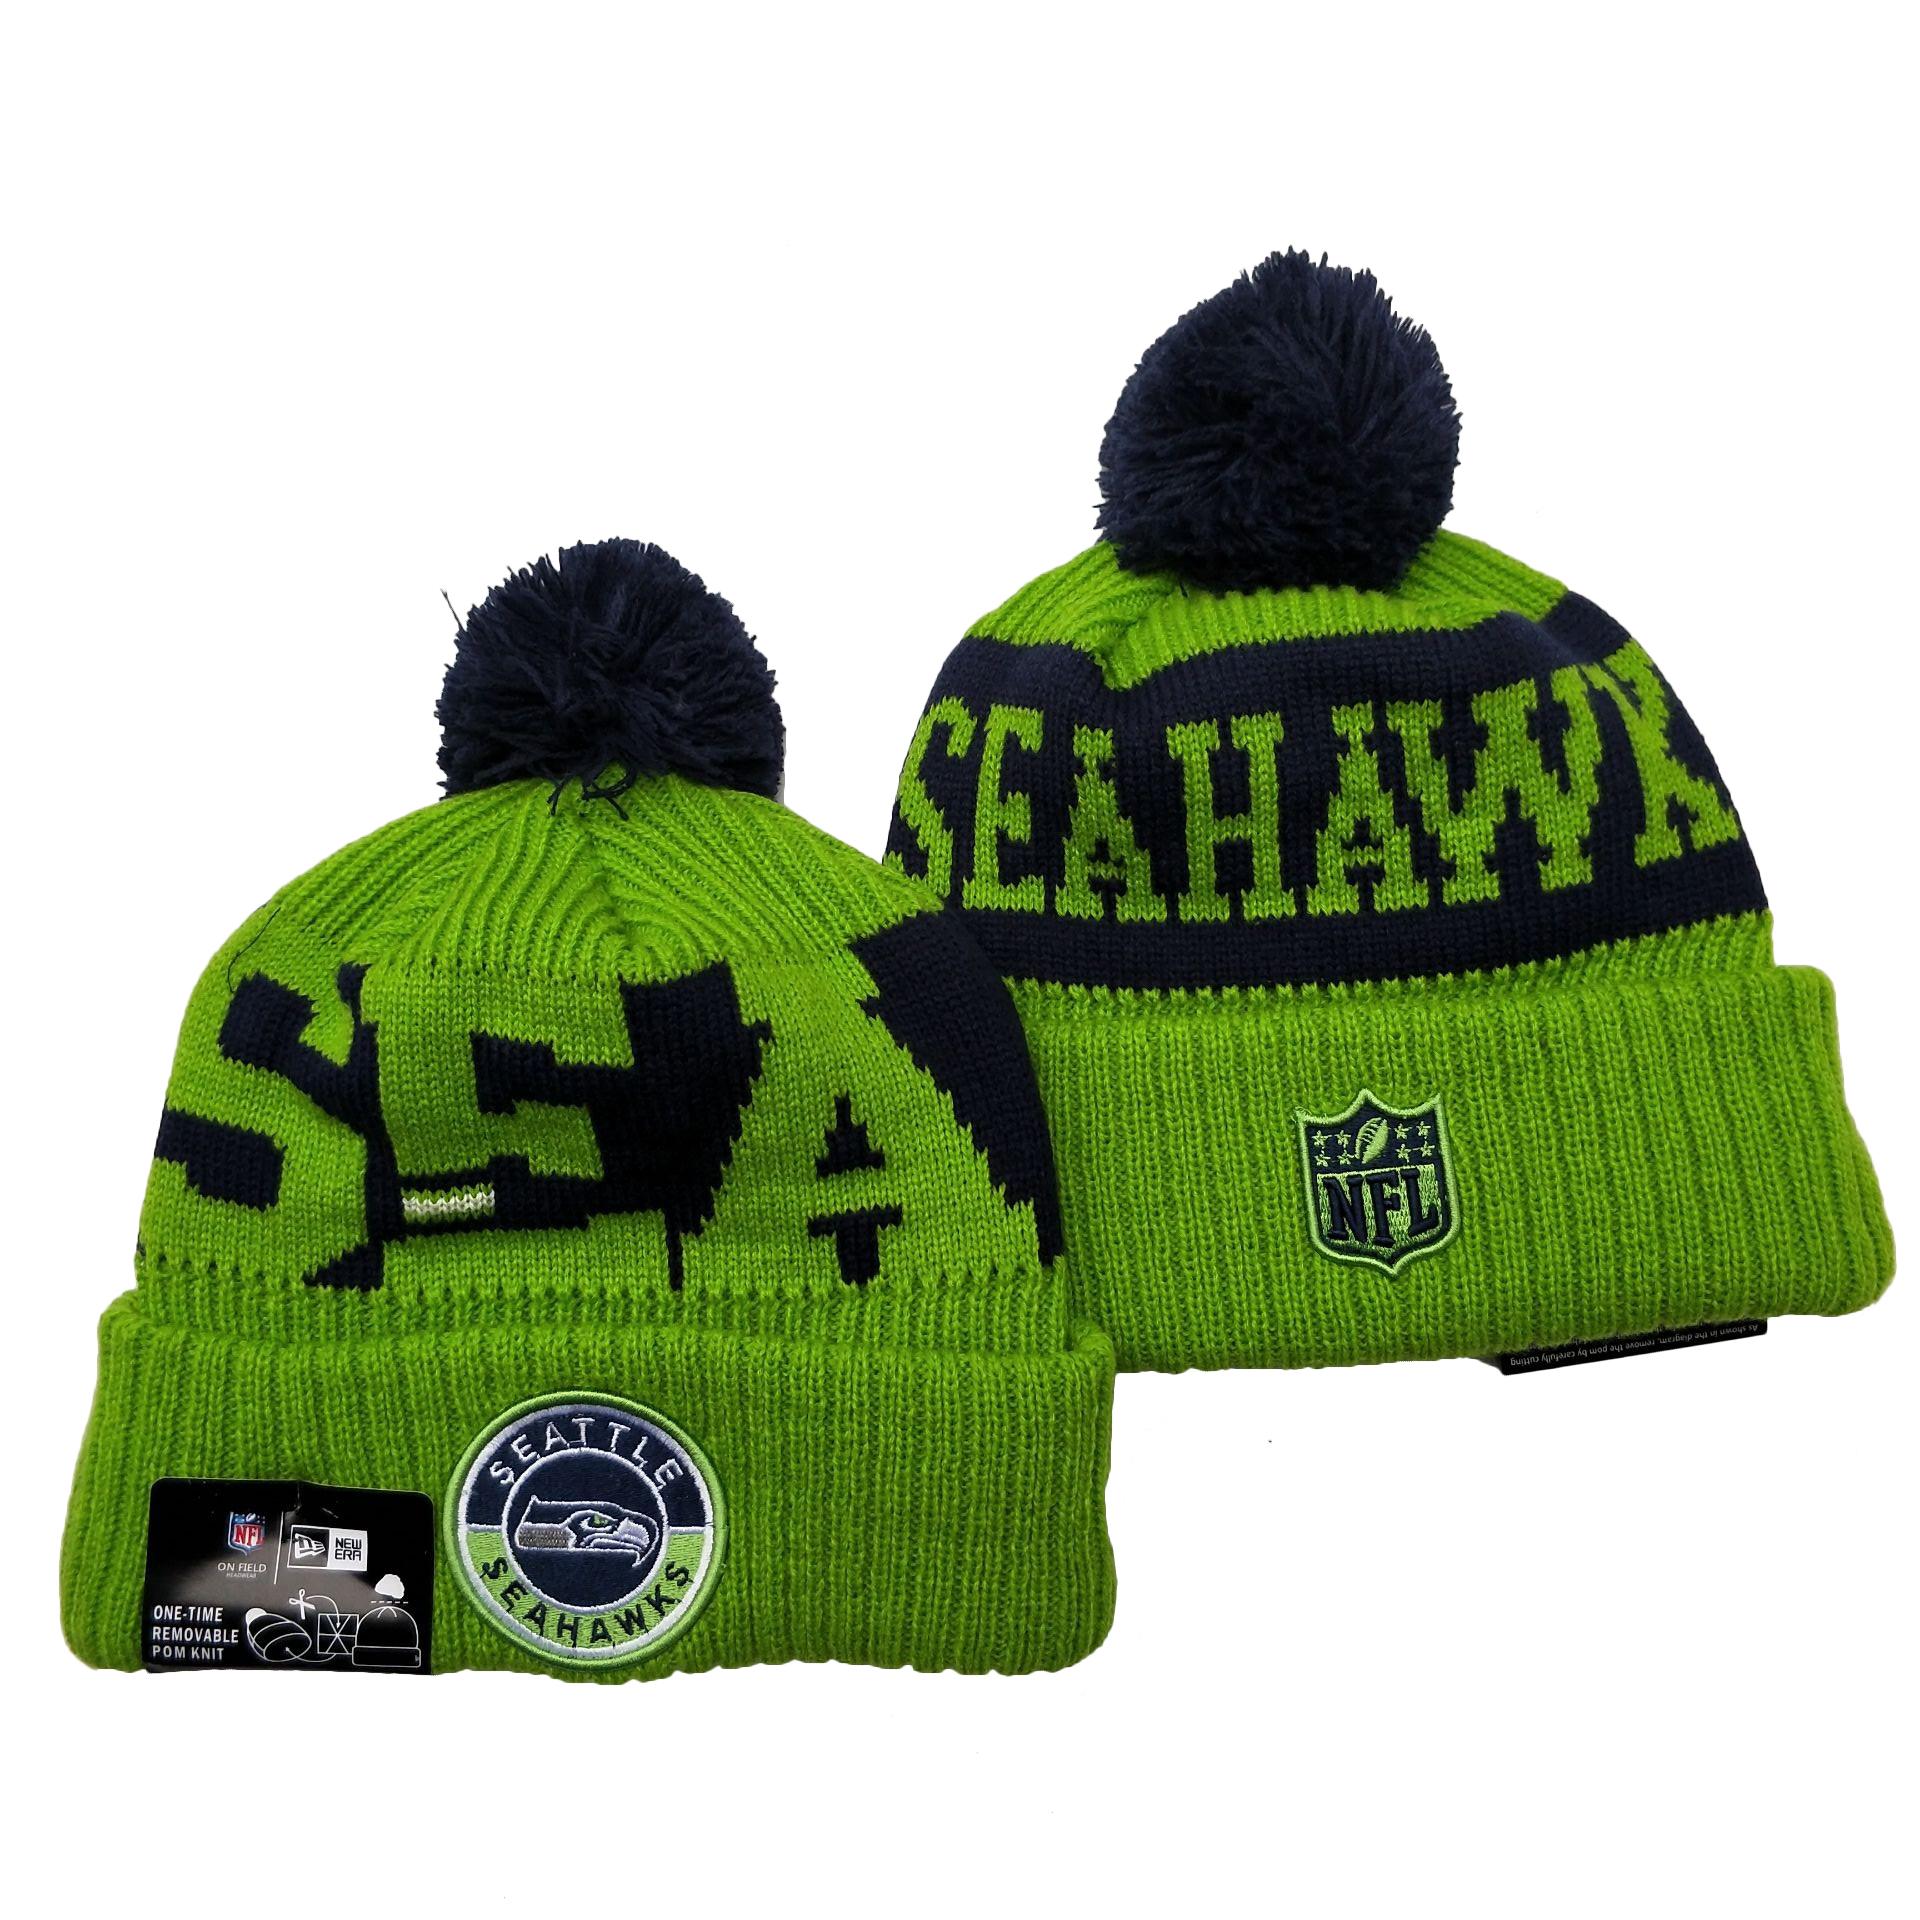 Seahawks Team Logo Green 2020 NFL Sideline Pom Cuffed Knit Hat YD